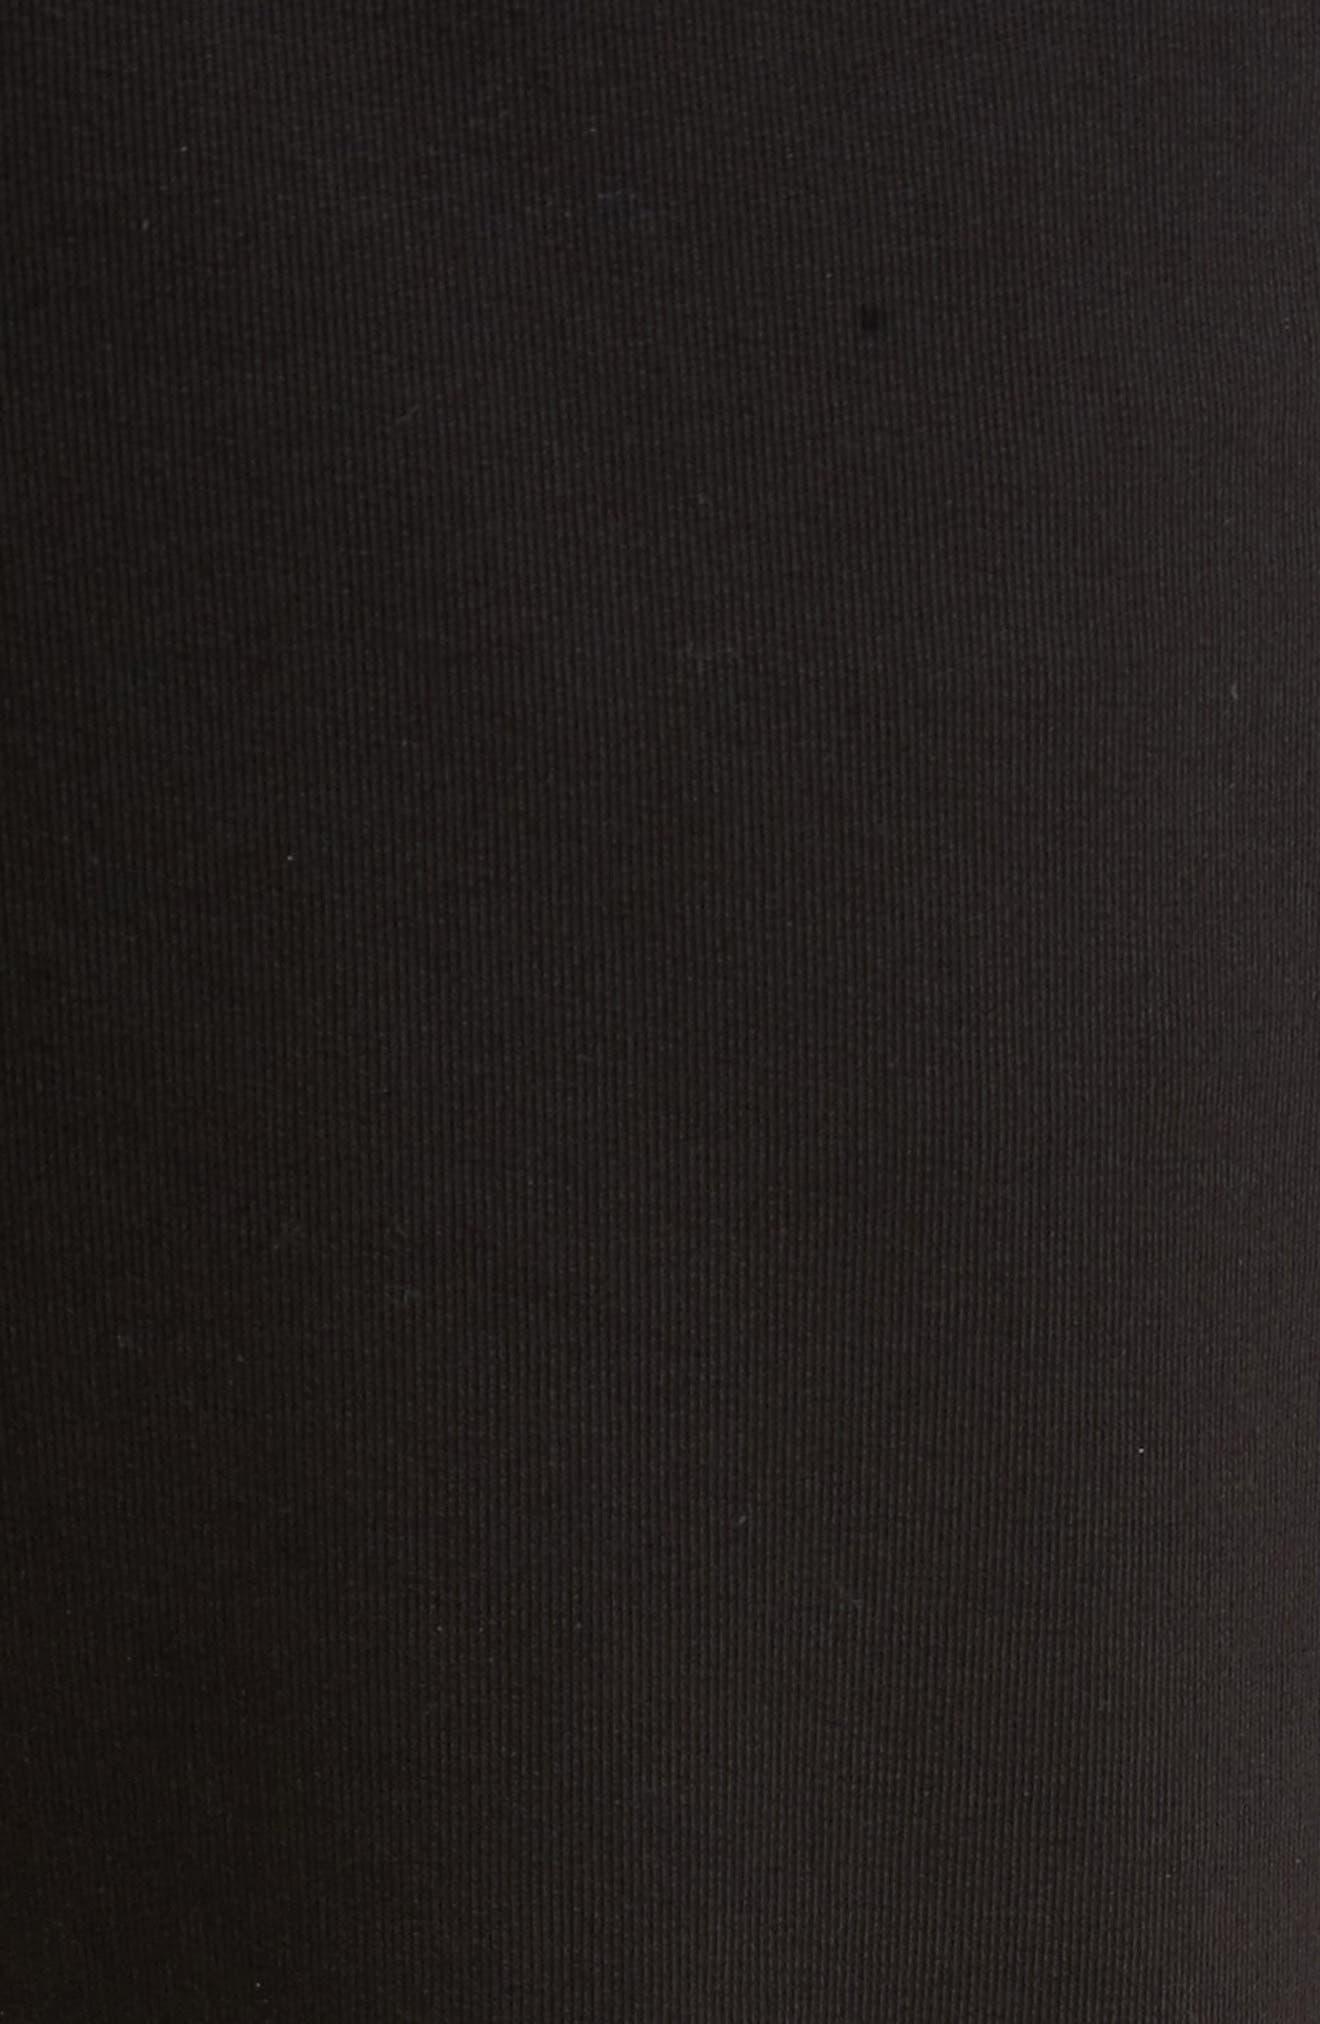 Cotton Sweatpants,                             Alternate thumbnail 5, color,                             001